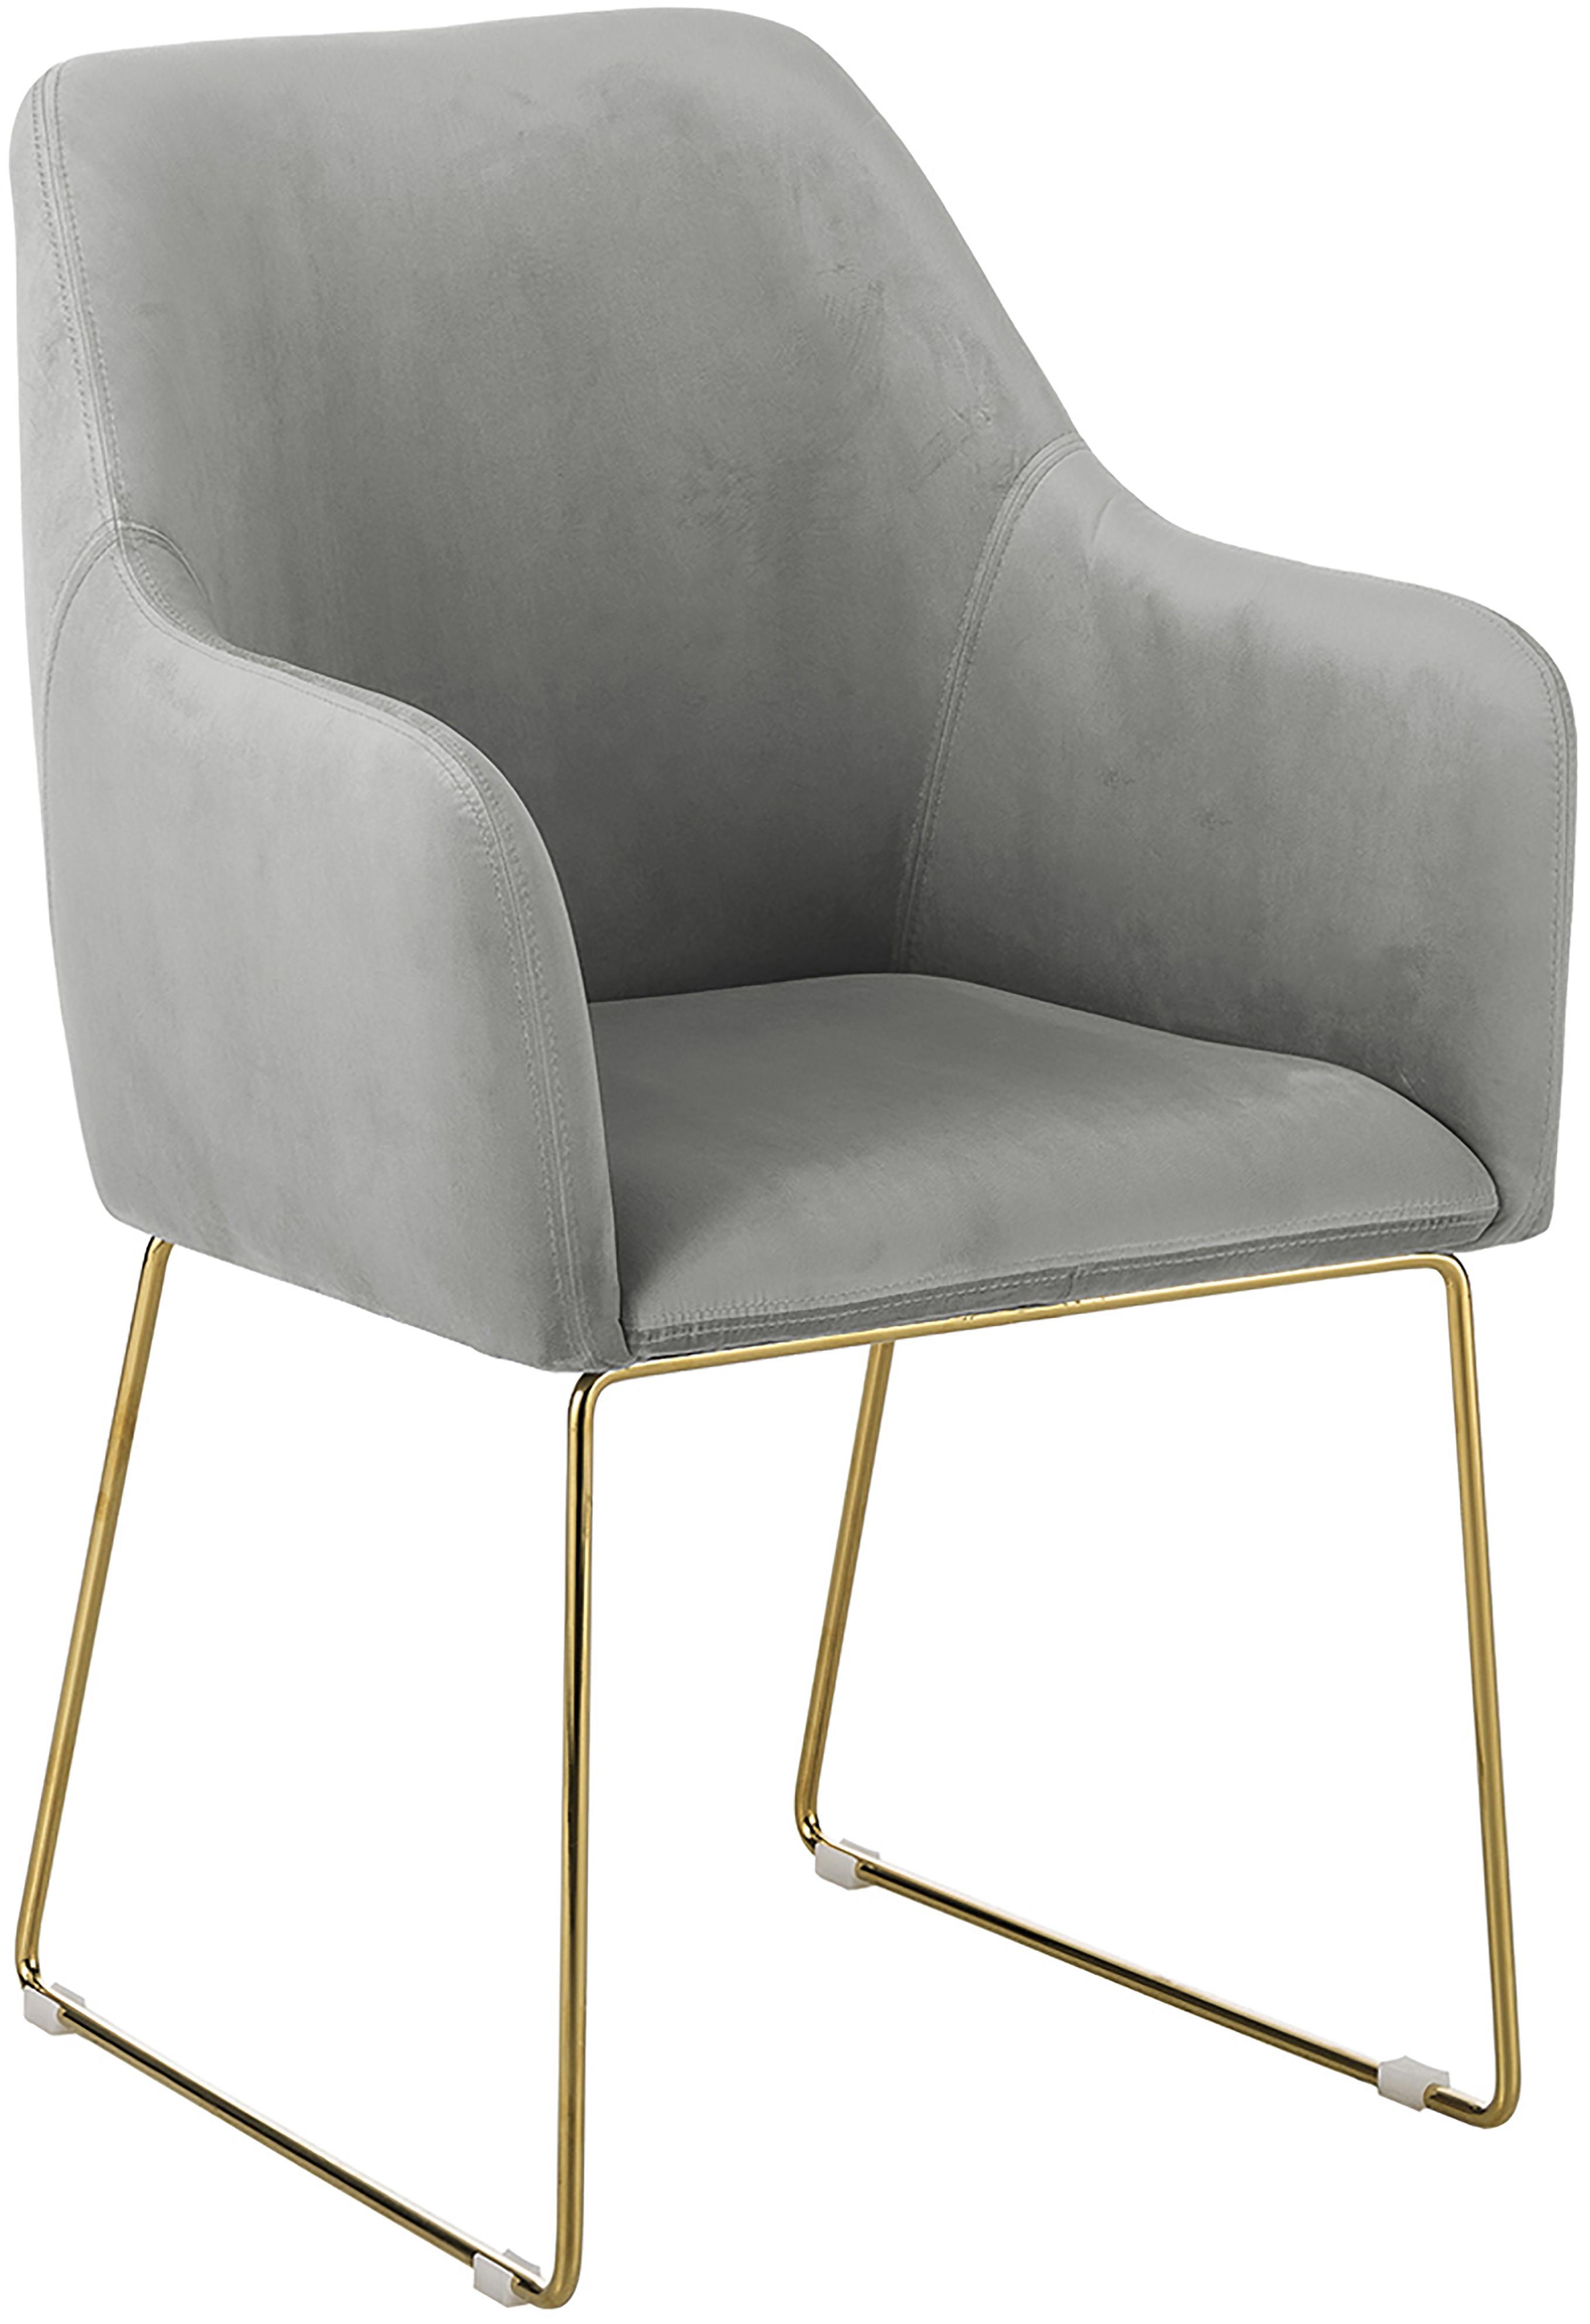 Sedia in velluto con braccioli Isla, Rivestimento: velluto (poliestere) 50.0, Gambe: metallo rivestito, Velluto grigio, gambe oro, Larg. 58 x Prof. 62 cm